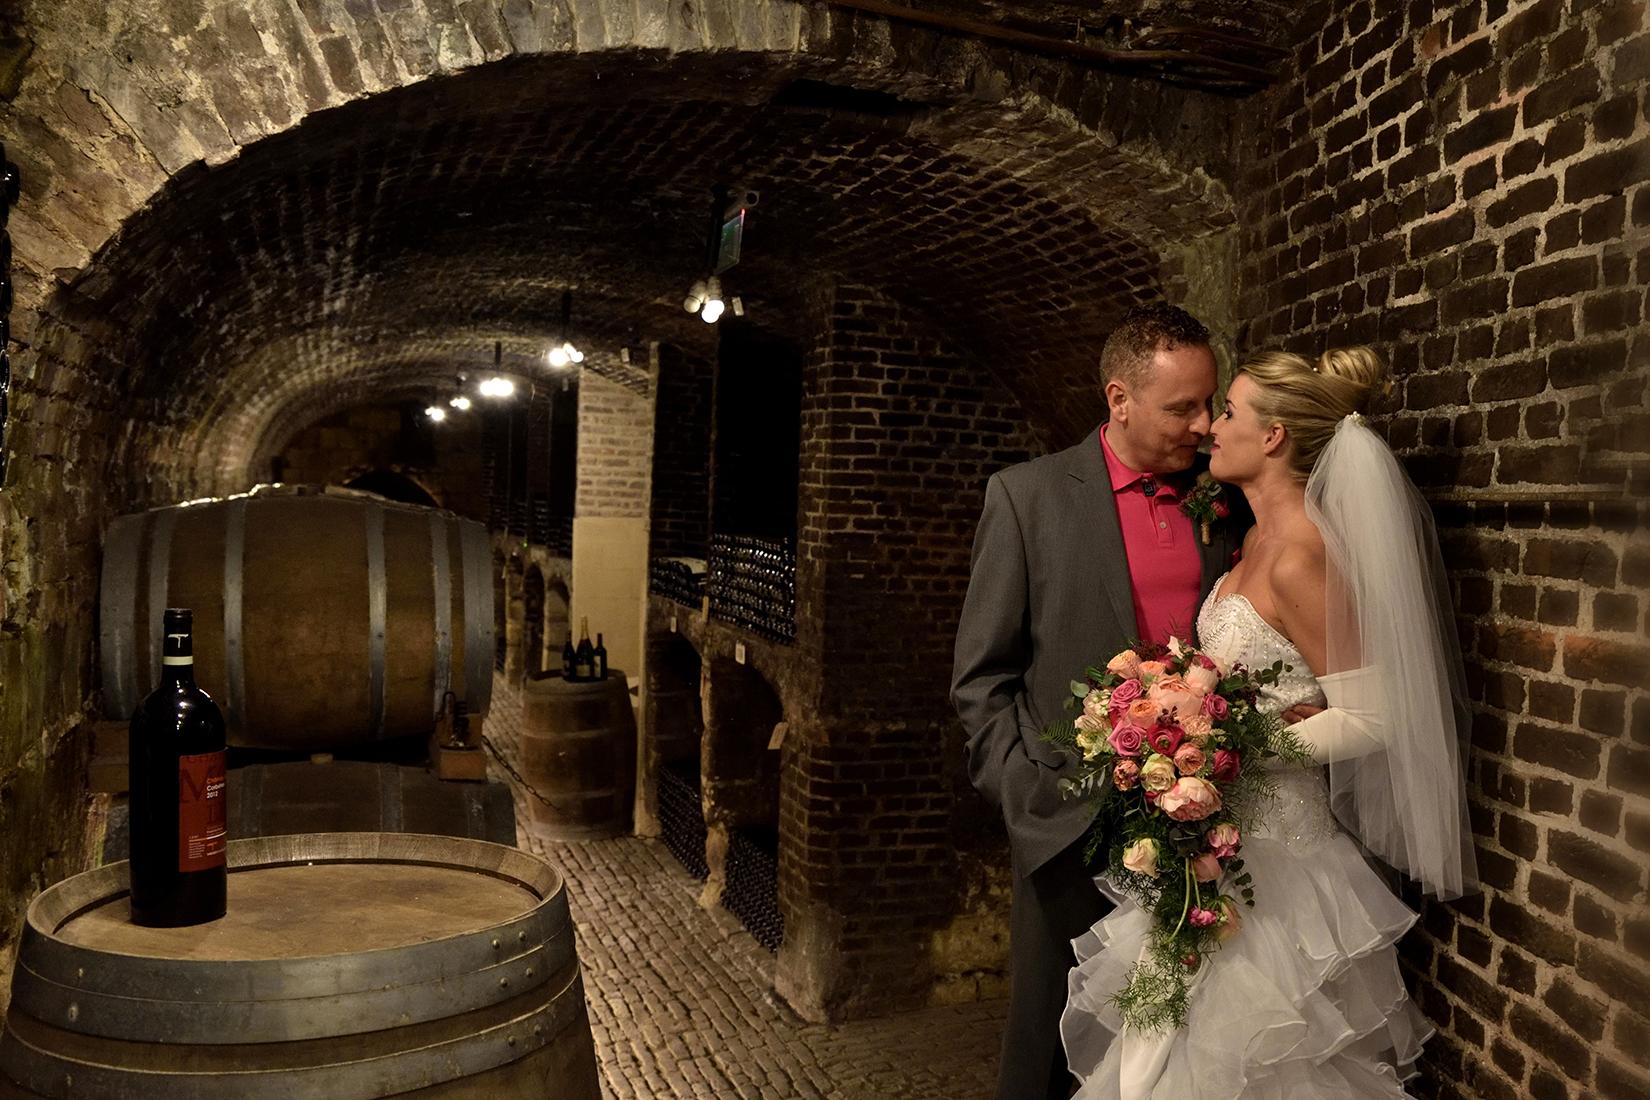 Trouwfoto van een bruidspaar in de wijnkelders van Thiessen in Maastricht. uit mijn top 10 bruidsreportages.